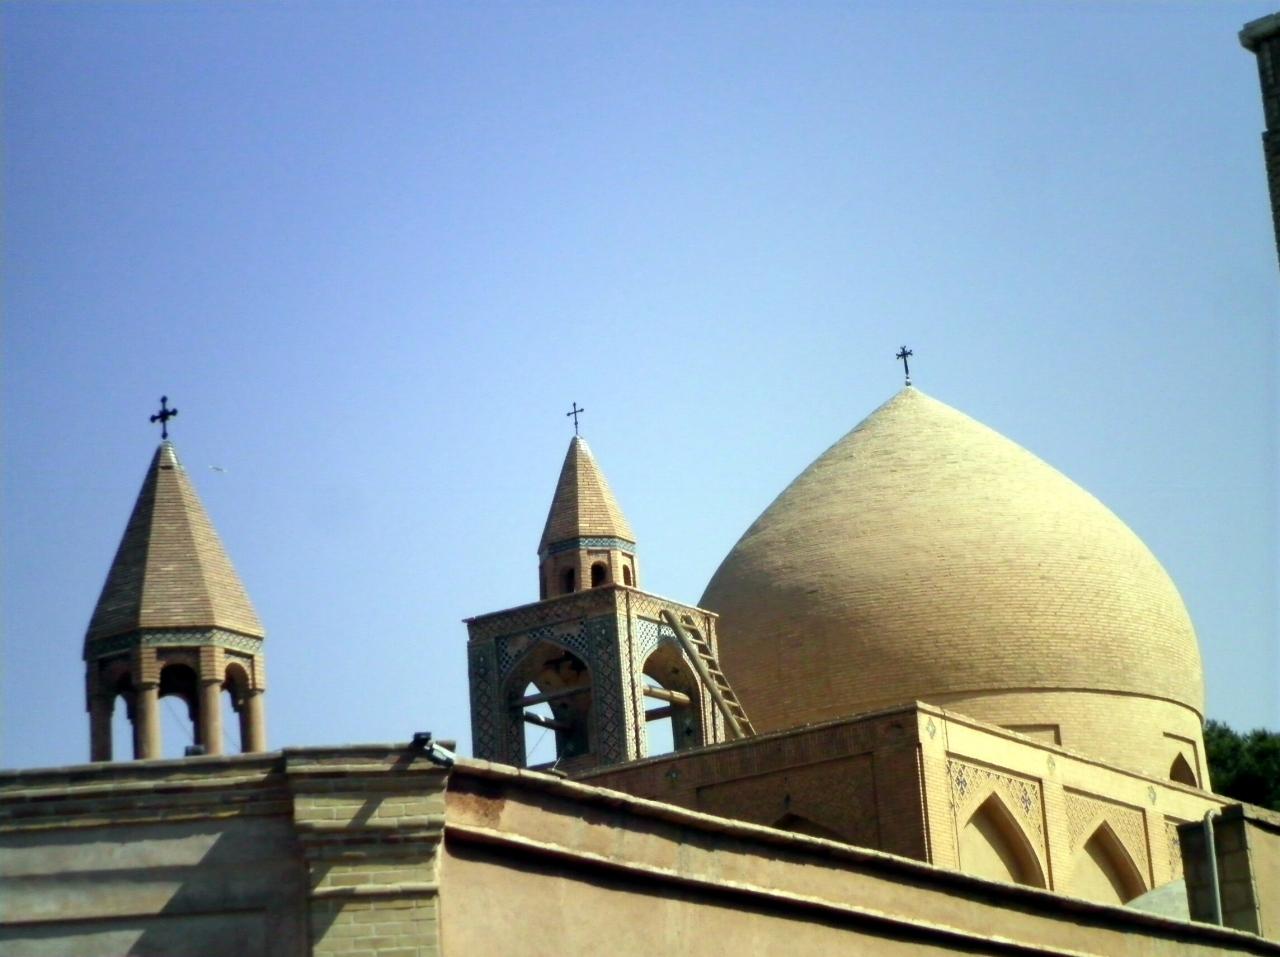 イスラム原理主義国家イランでも十字架が林立するジョルファー地区の代表格=... この写真のクチコ